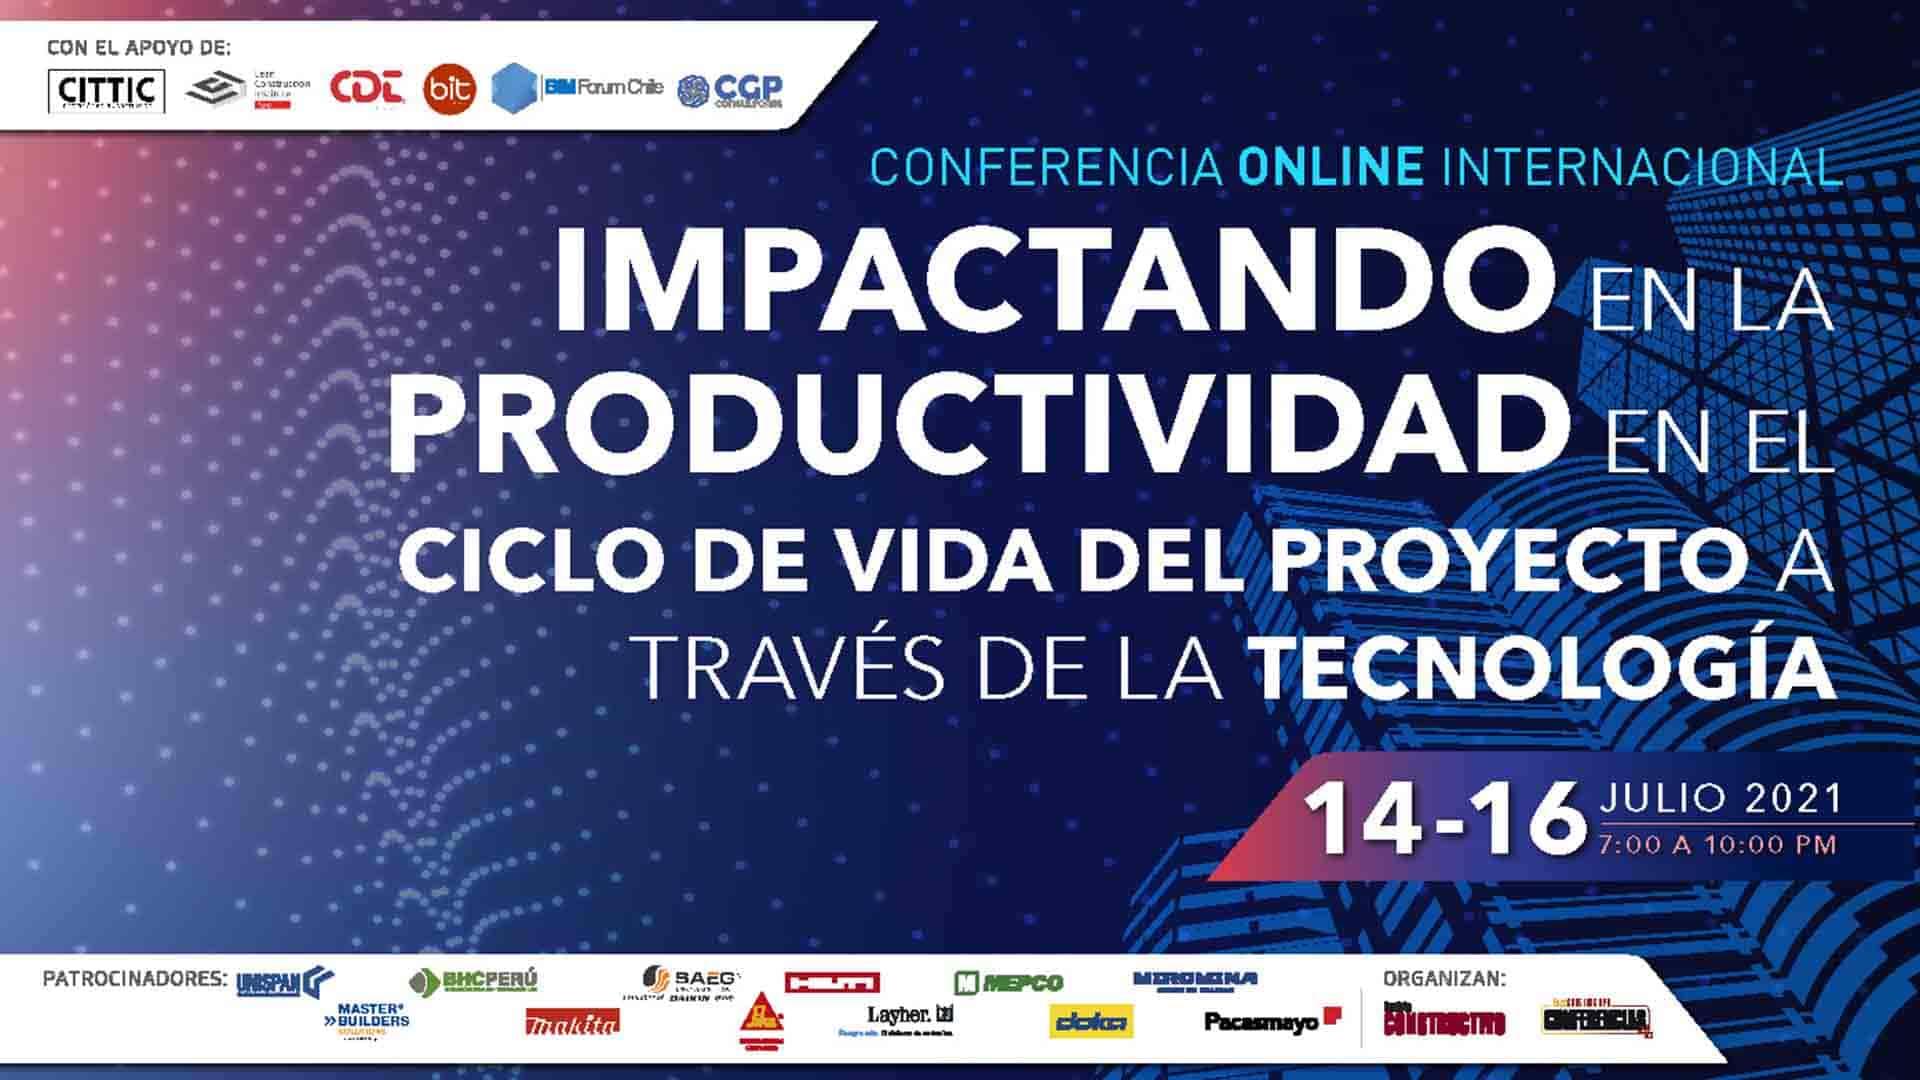 Impactando en la Productividad en el Ciclo de Vida del Proyecto a través de la Tecnología